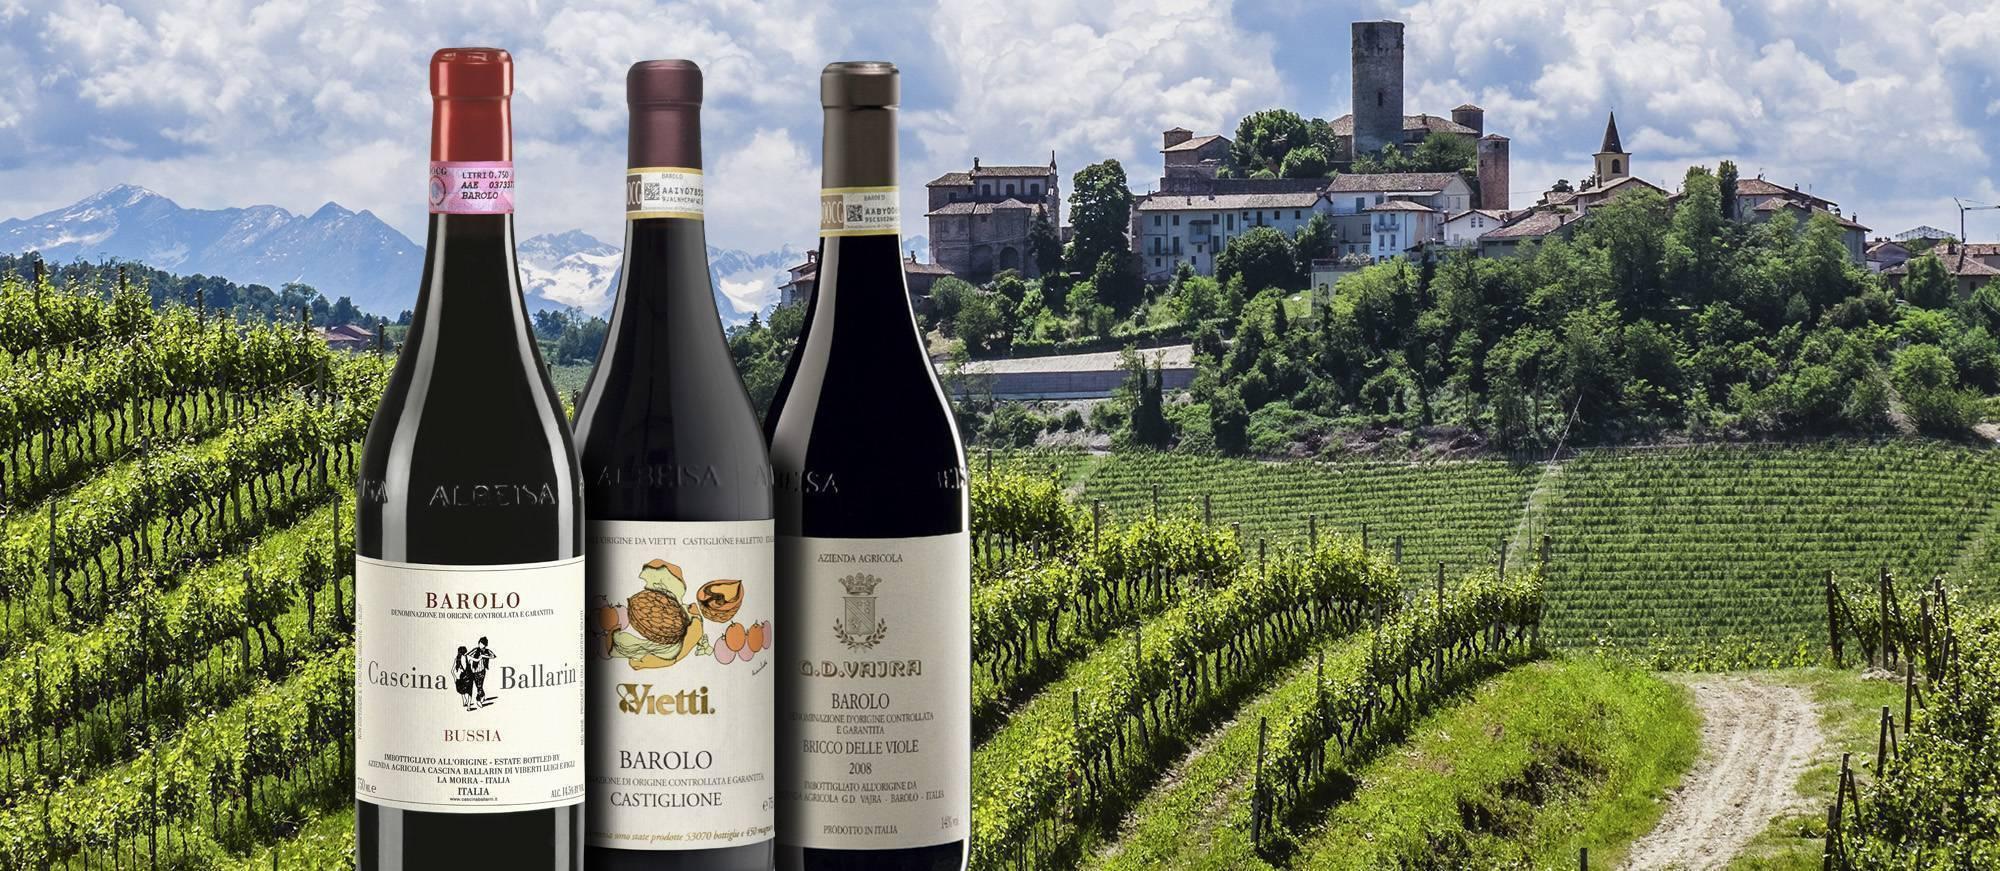 Итальянское вино barolo (бароло) - описание, цена и отзыв